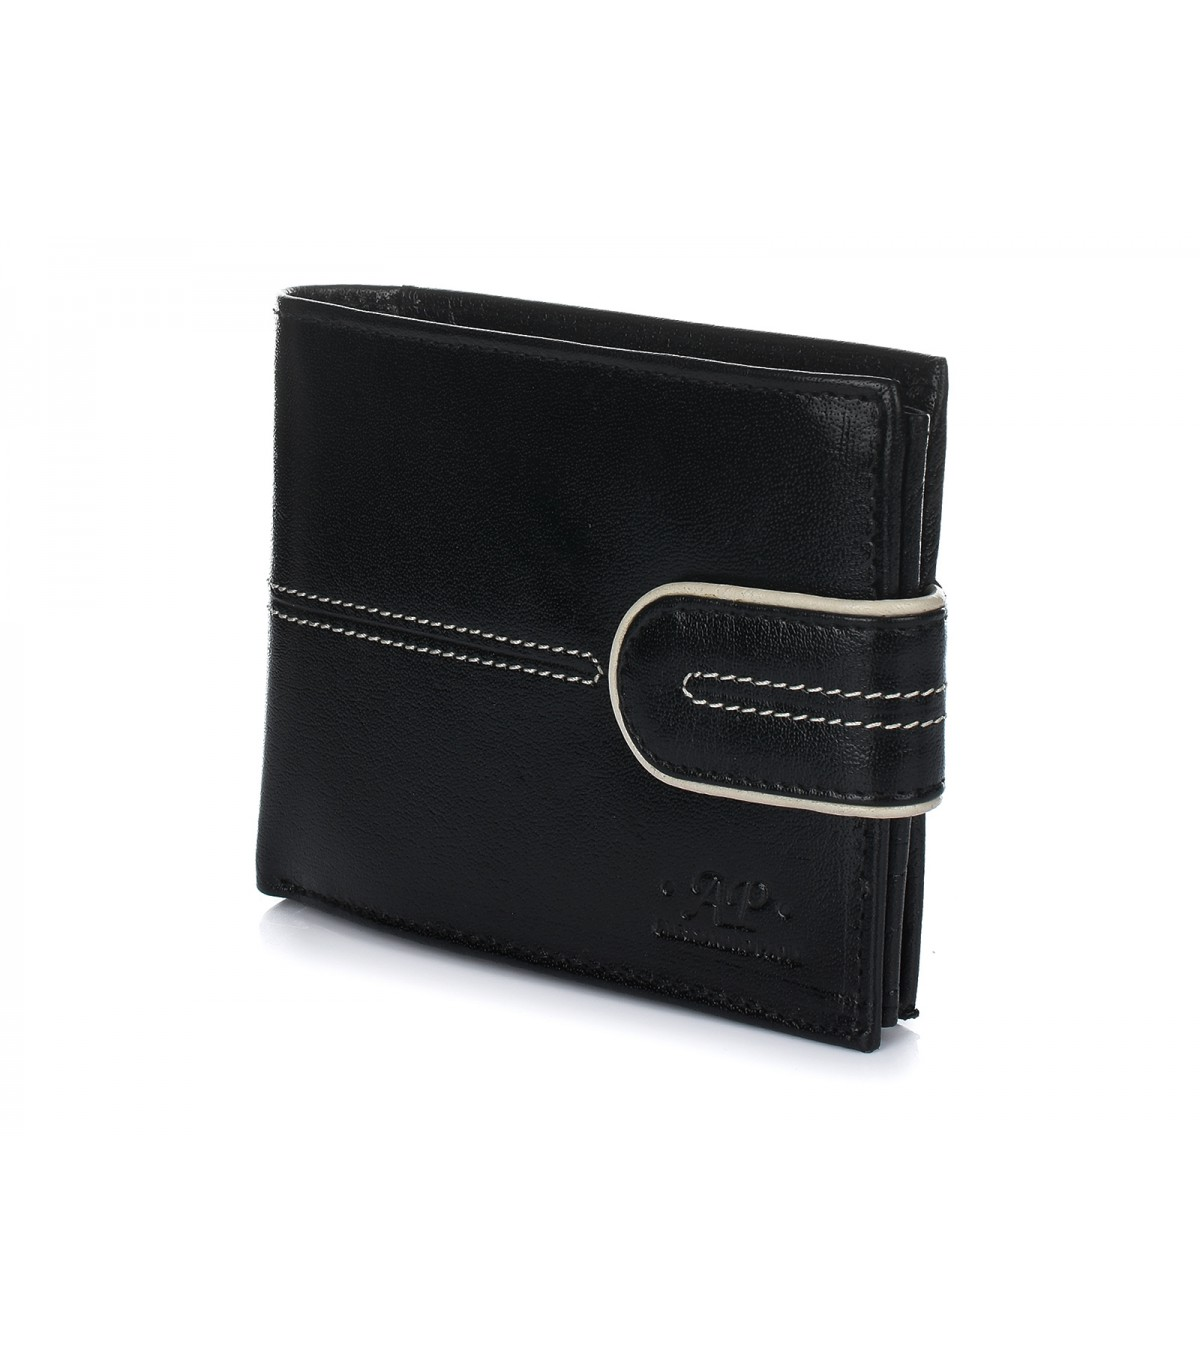 Alessandro Paoli K60 Pánska kožená peňaženka RFID čierna